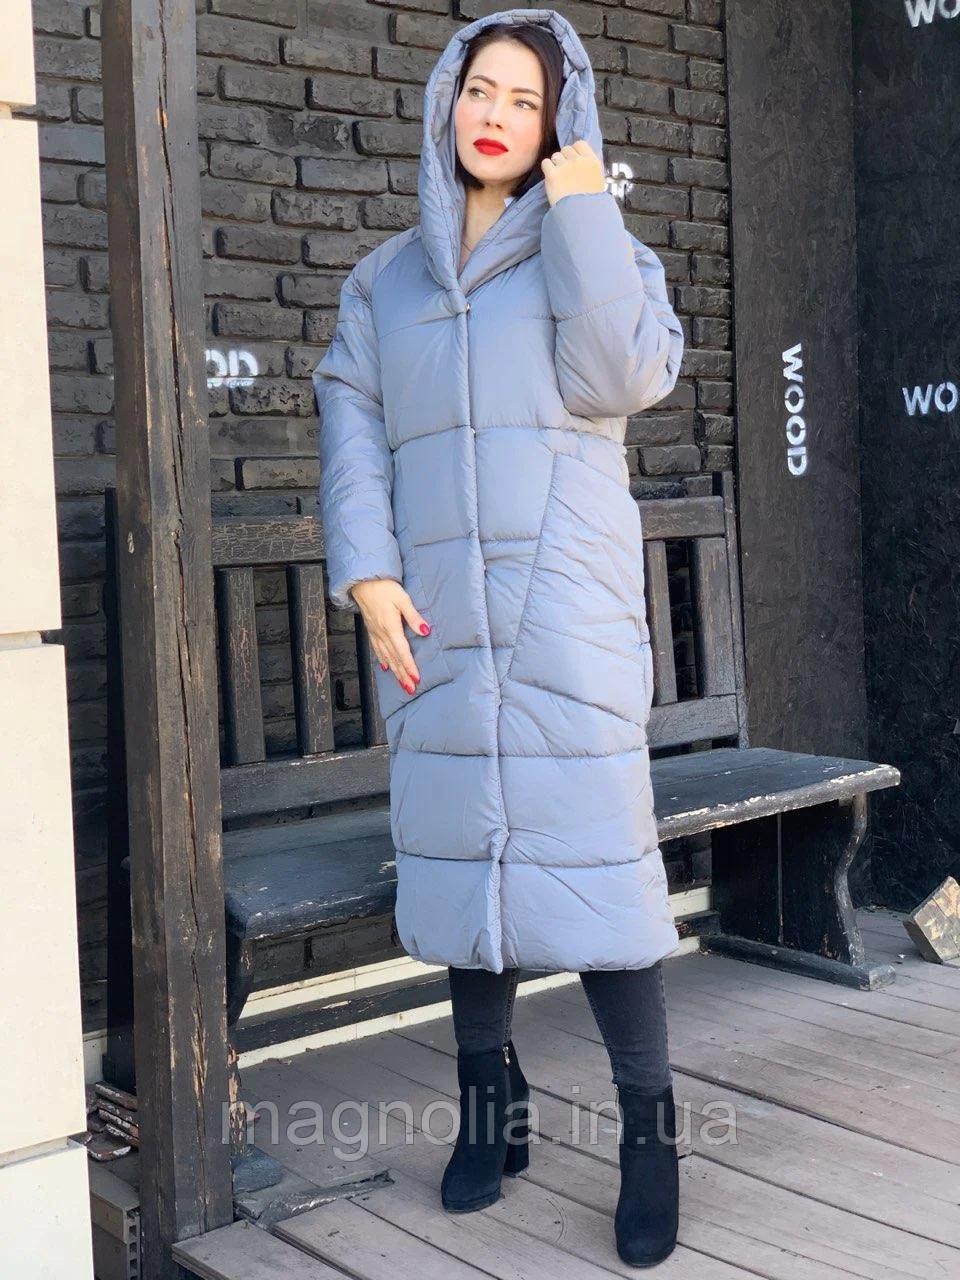 Довга тепла зимова куртка ковдра пальто одеяло з капішоном (плащівка, наповнювач силикон 300) 50-52